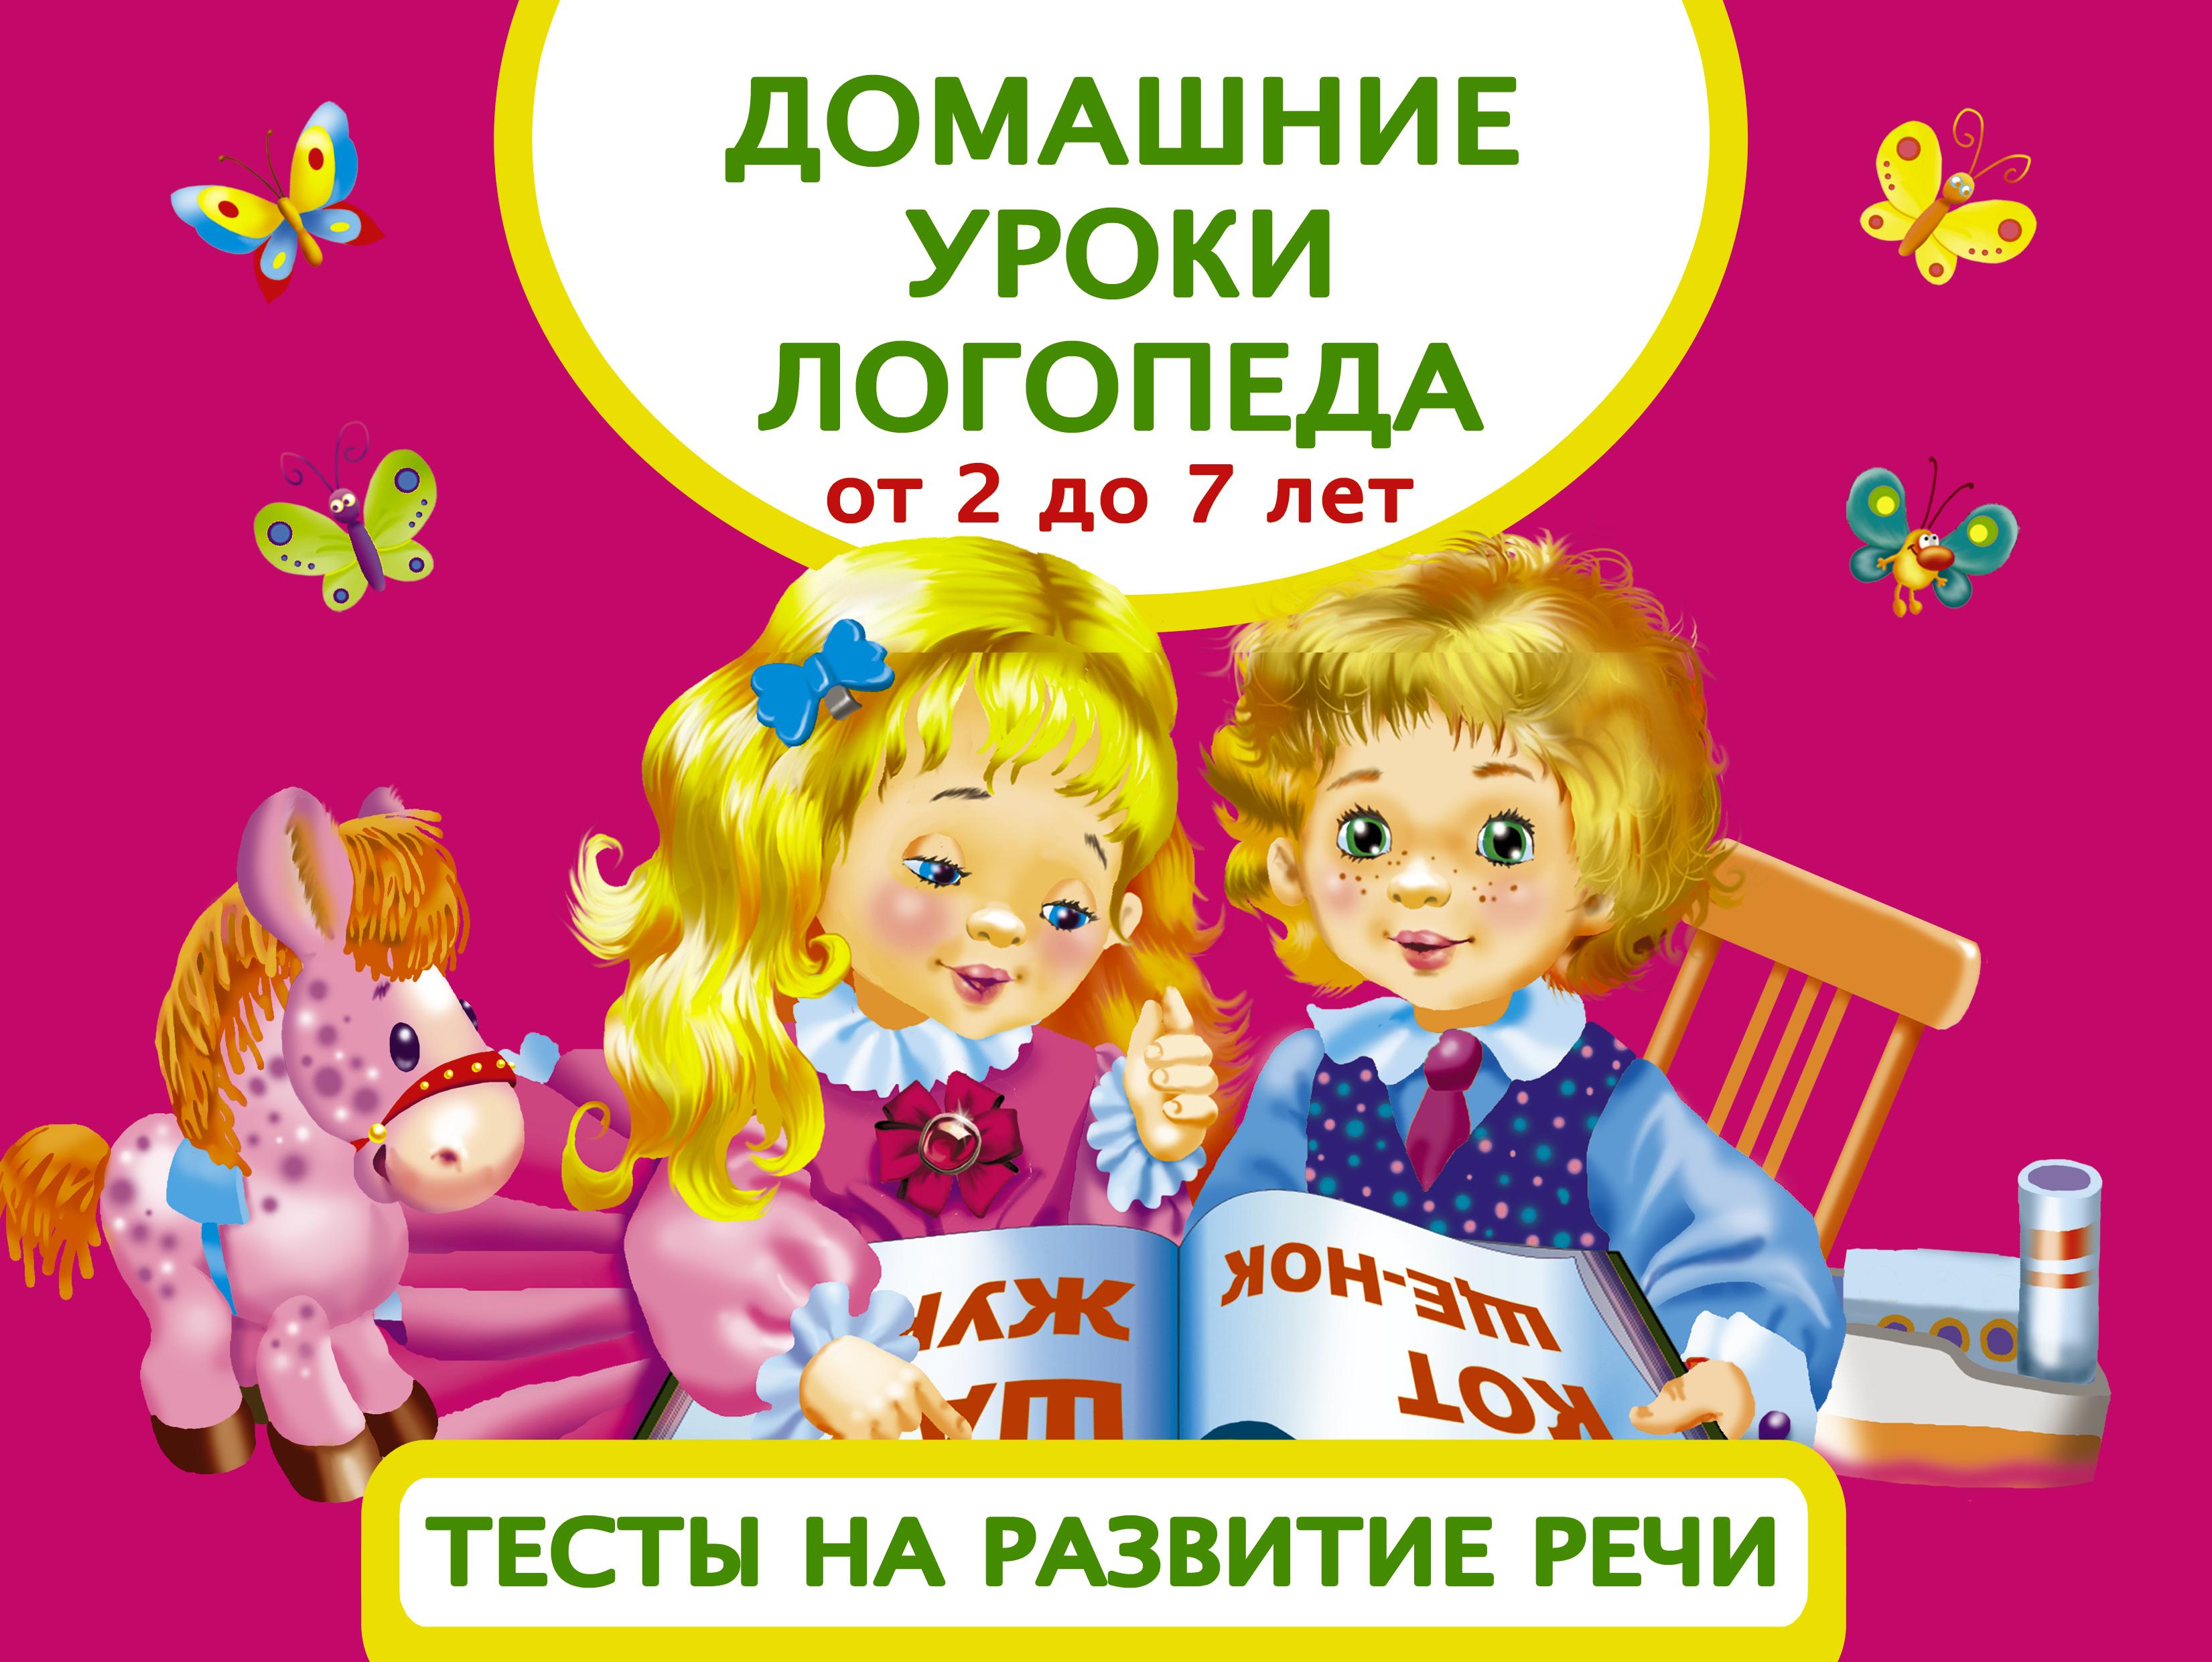 Матвеева А.С. Домашние уроки логопеда. Тесты на развитие речи малышей от 2 лет до 7лет матвеева а с домашние уроки логопеда универсальное руководство по развитию малыша